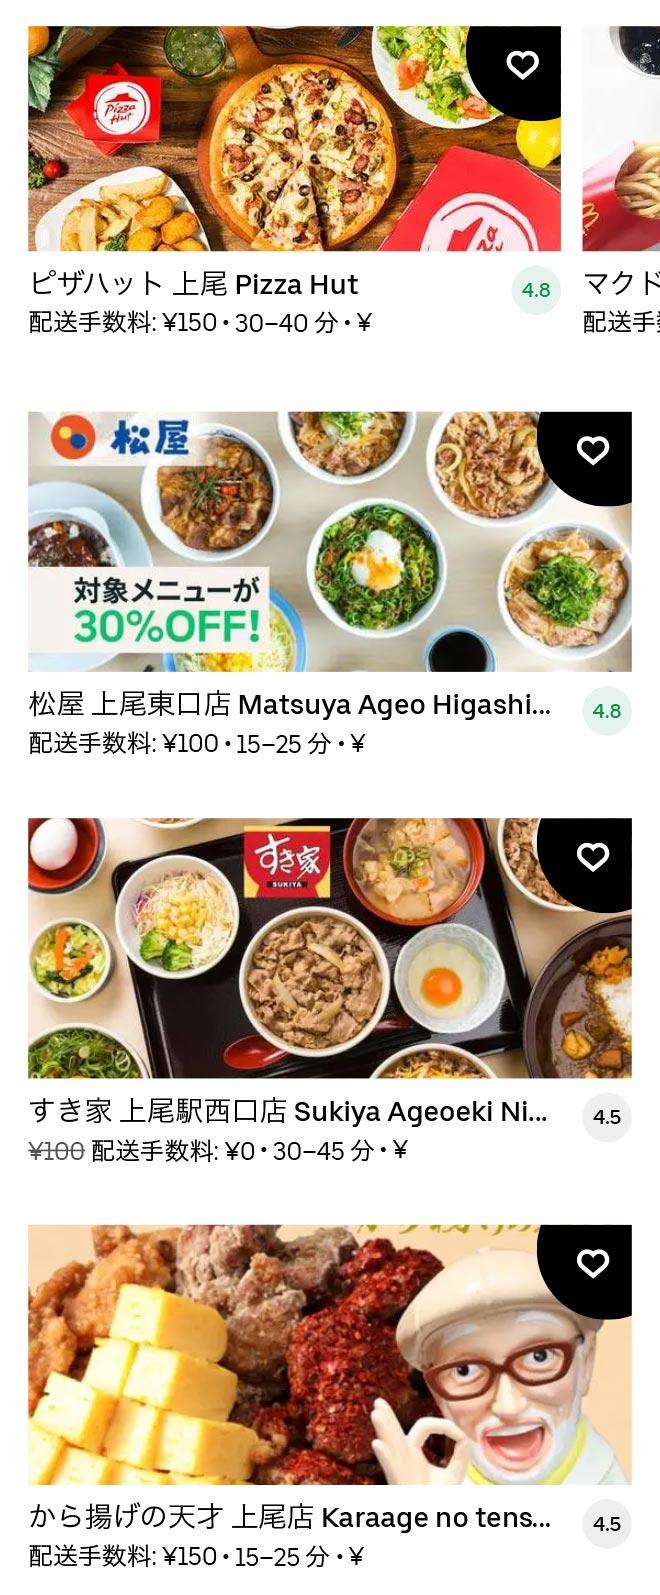 Ageo menu 2012 02